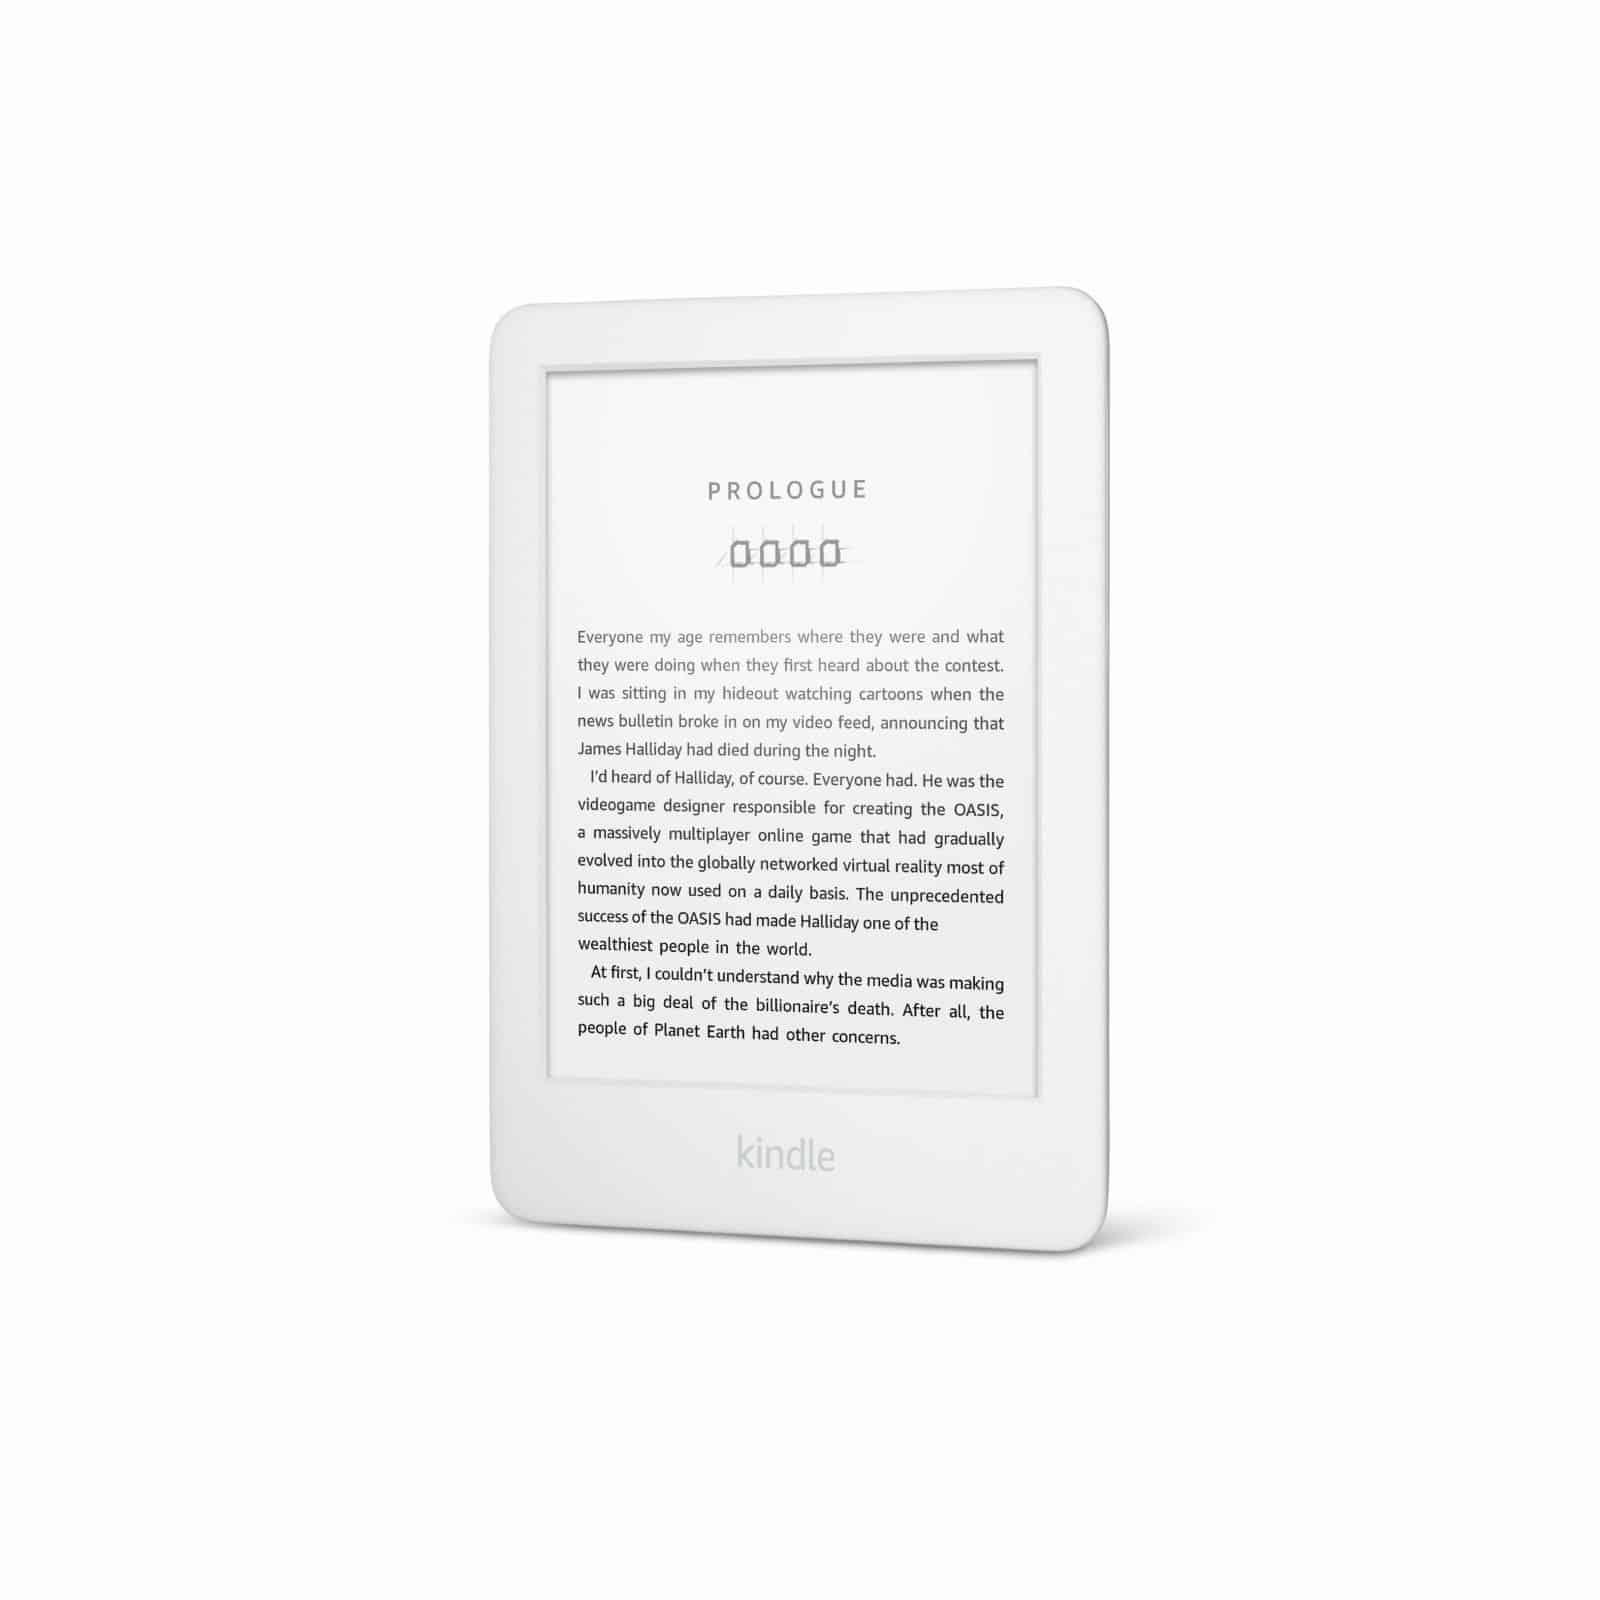 Amazon New Kindle 4